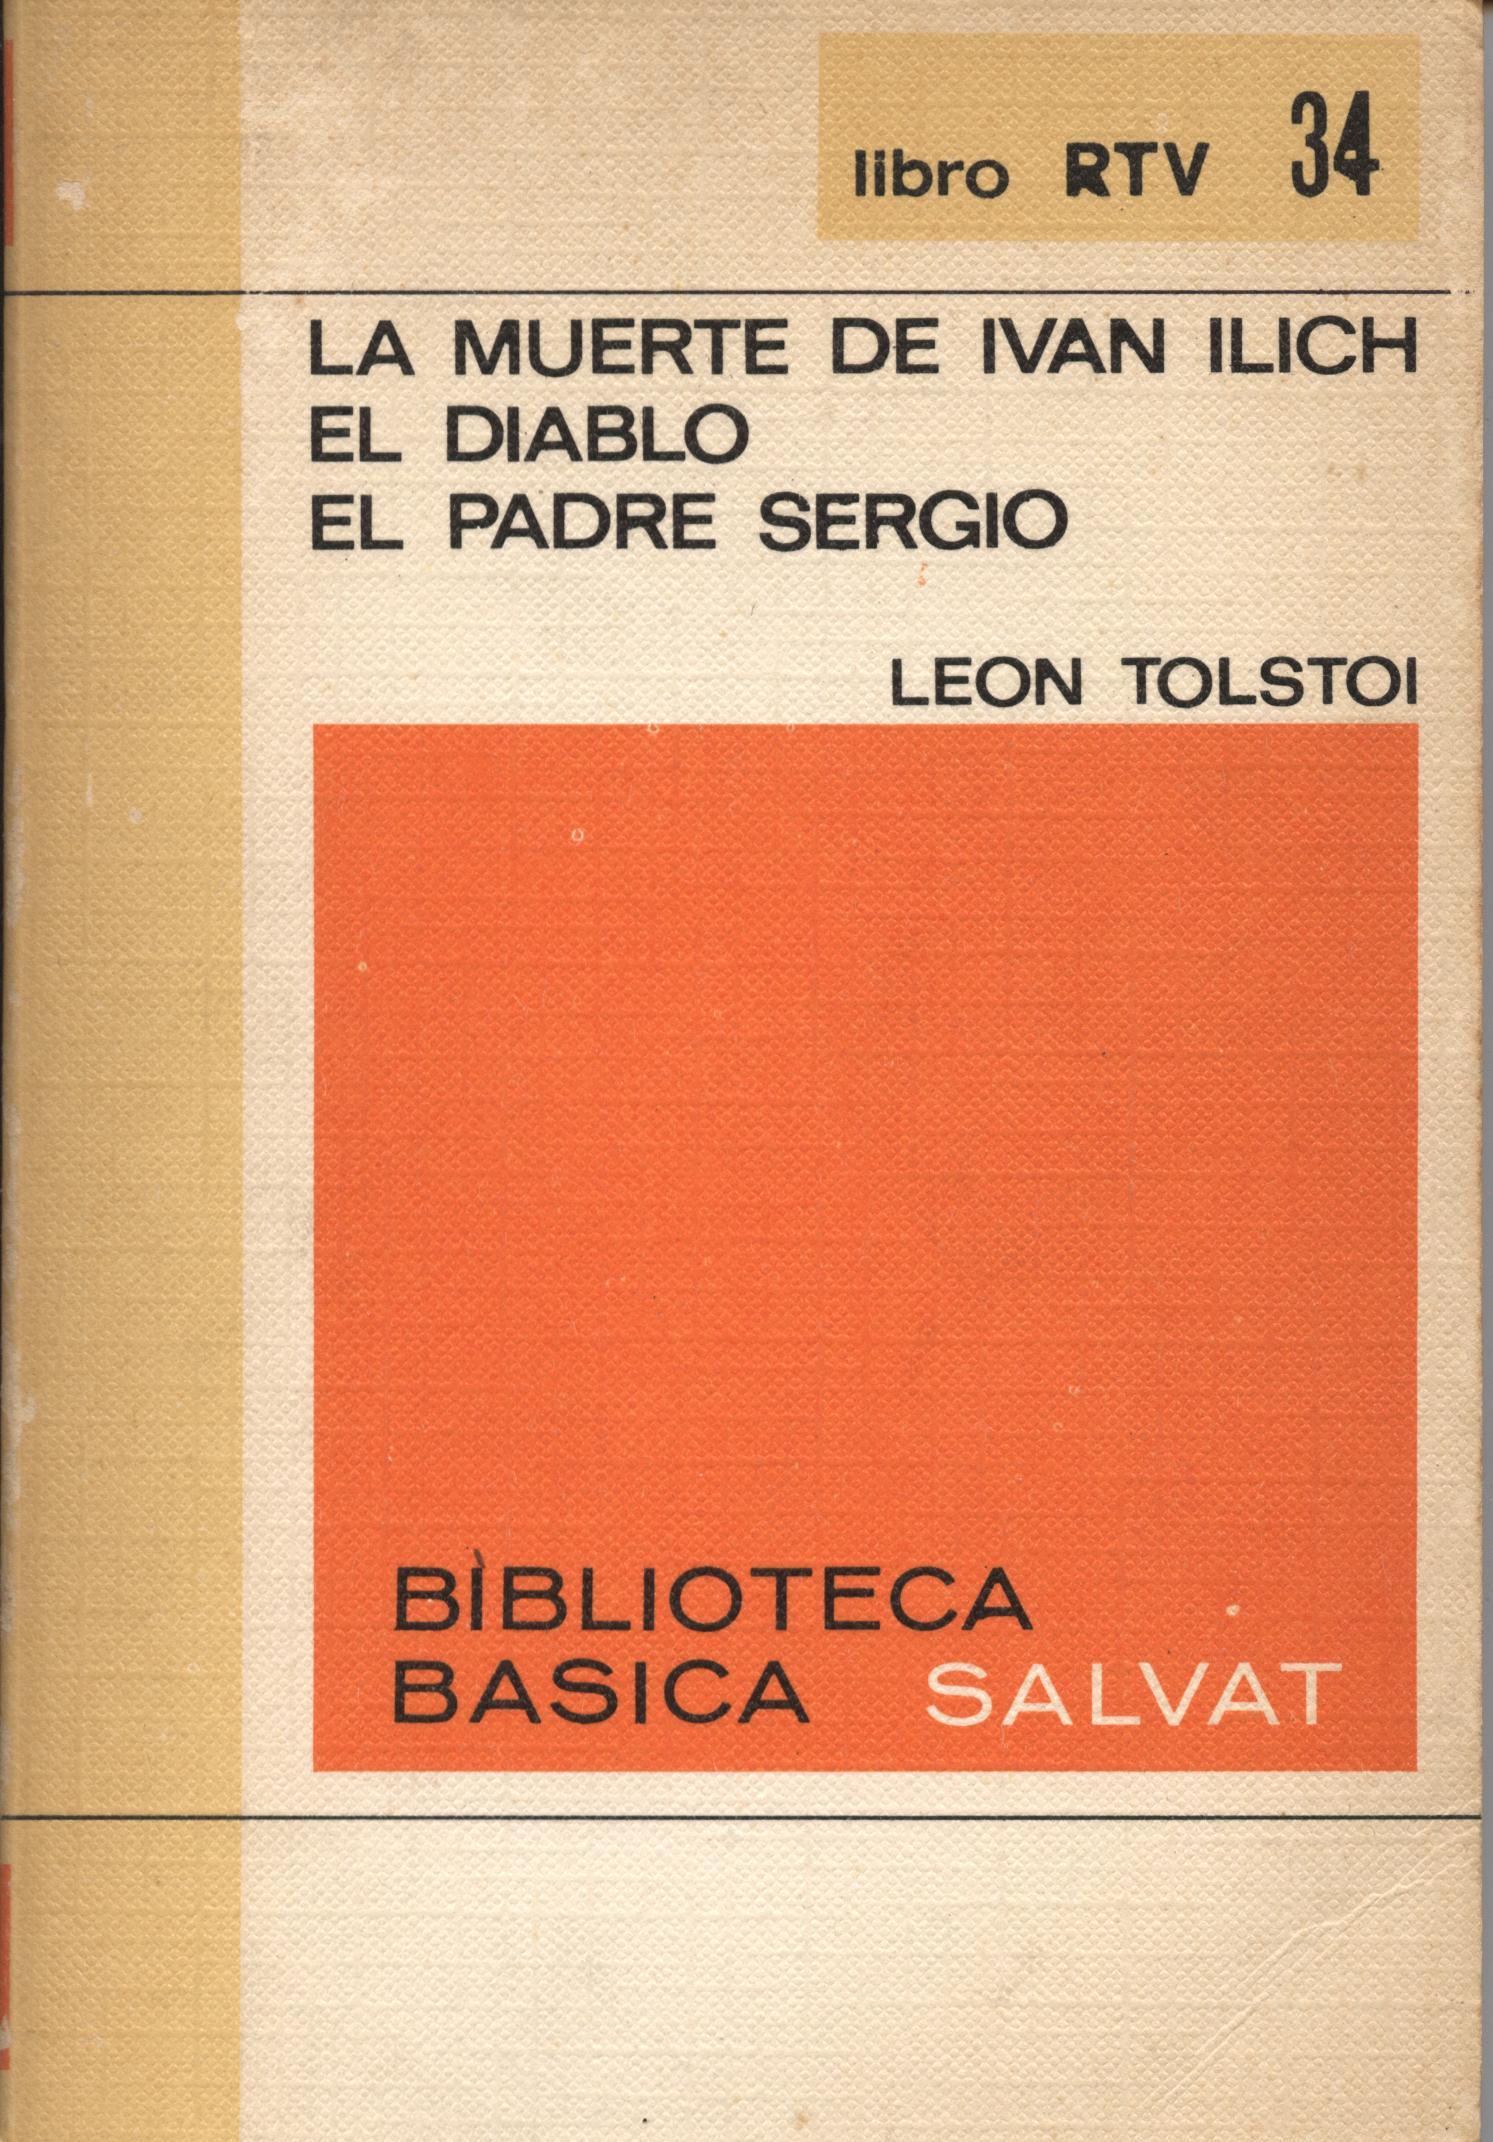 Venta online de libros de ocasión como La muerte de Ivan Ilich - Lev Tolstoy en bratac.cat